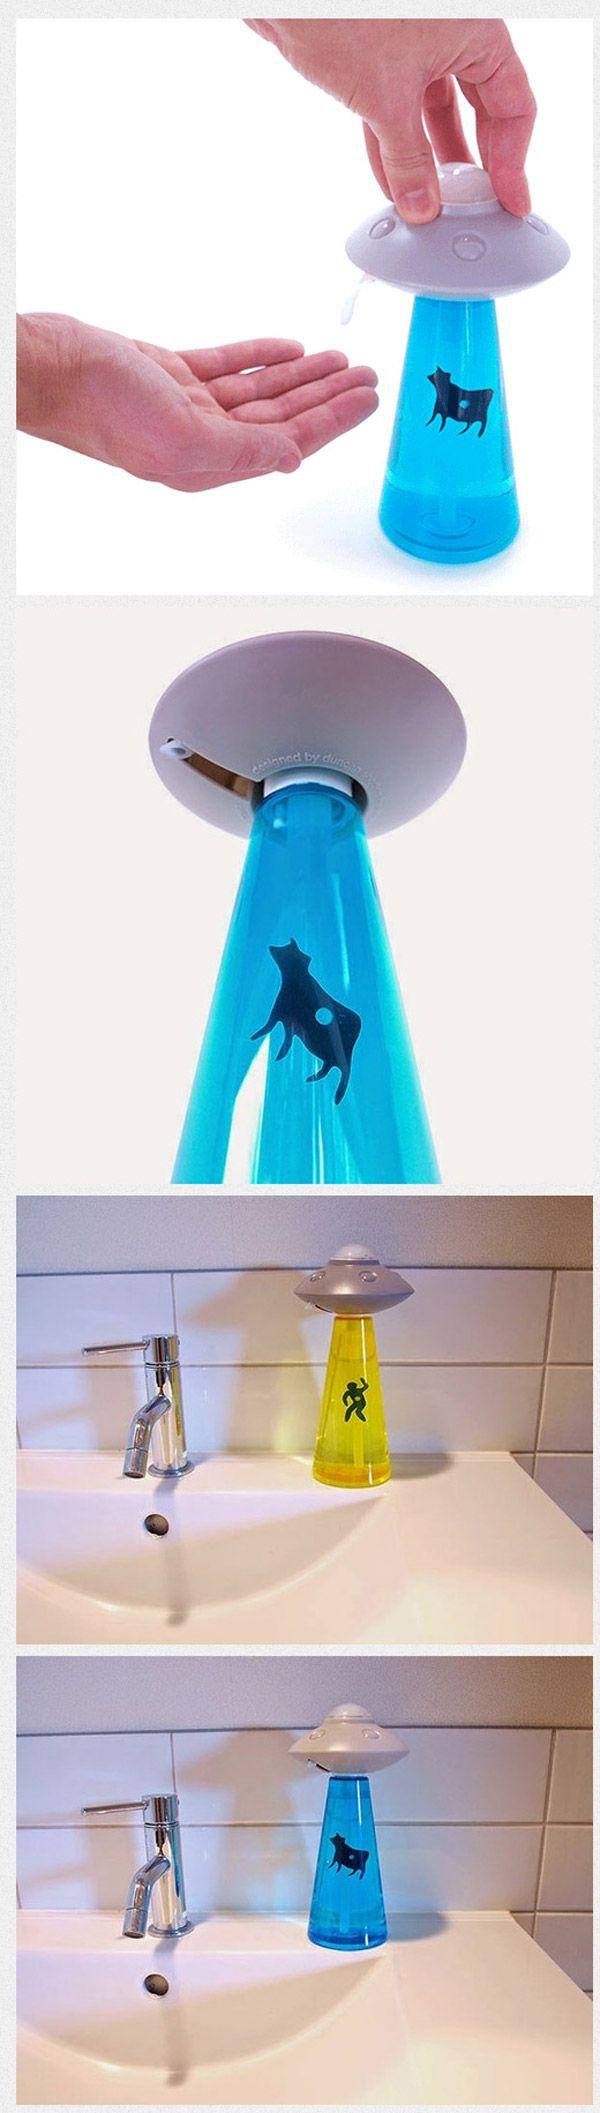 El dispensador de jabón más original del mundo